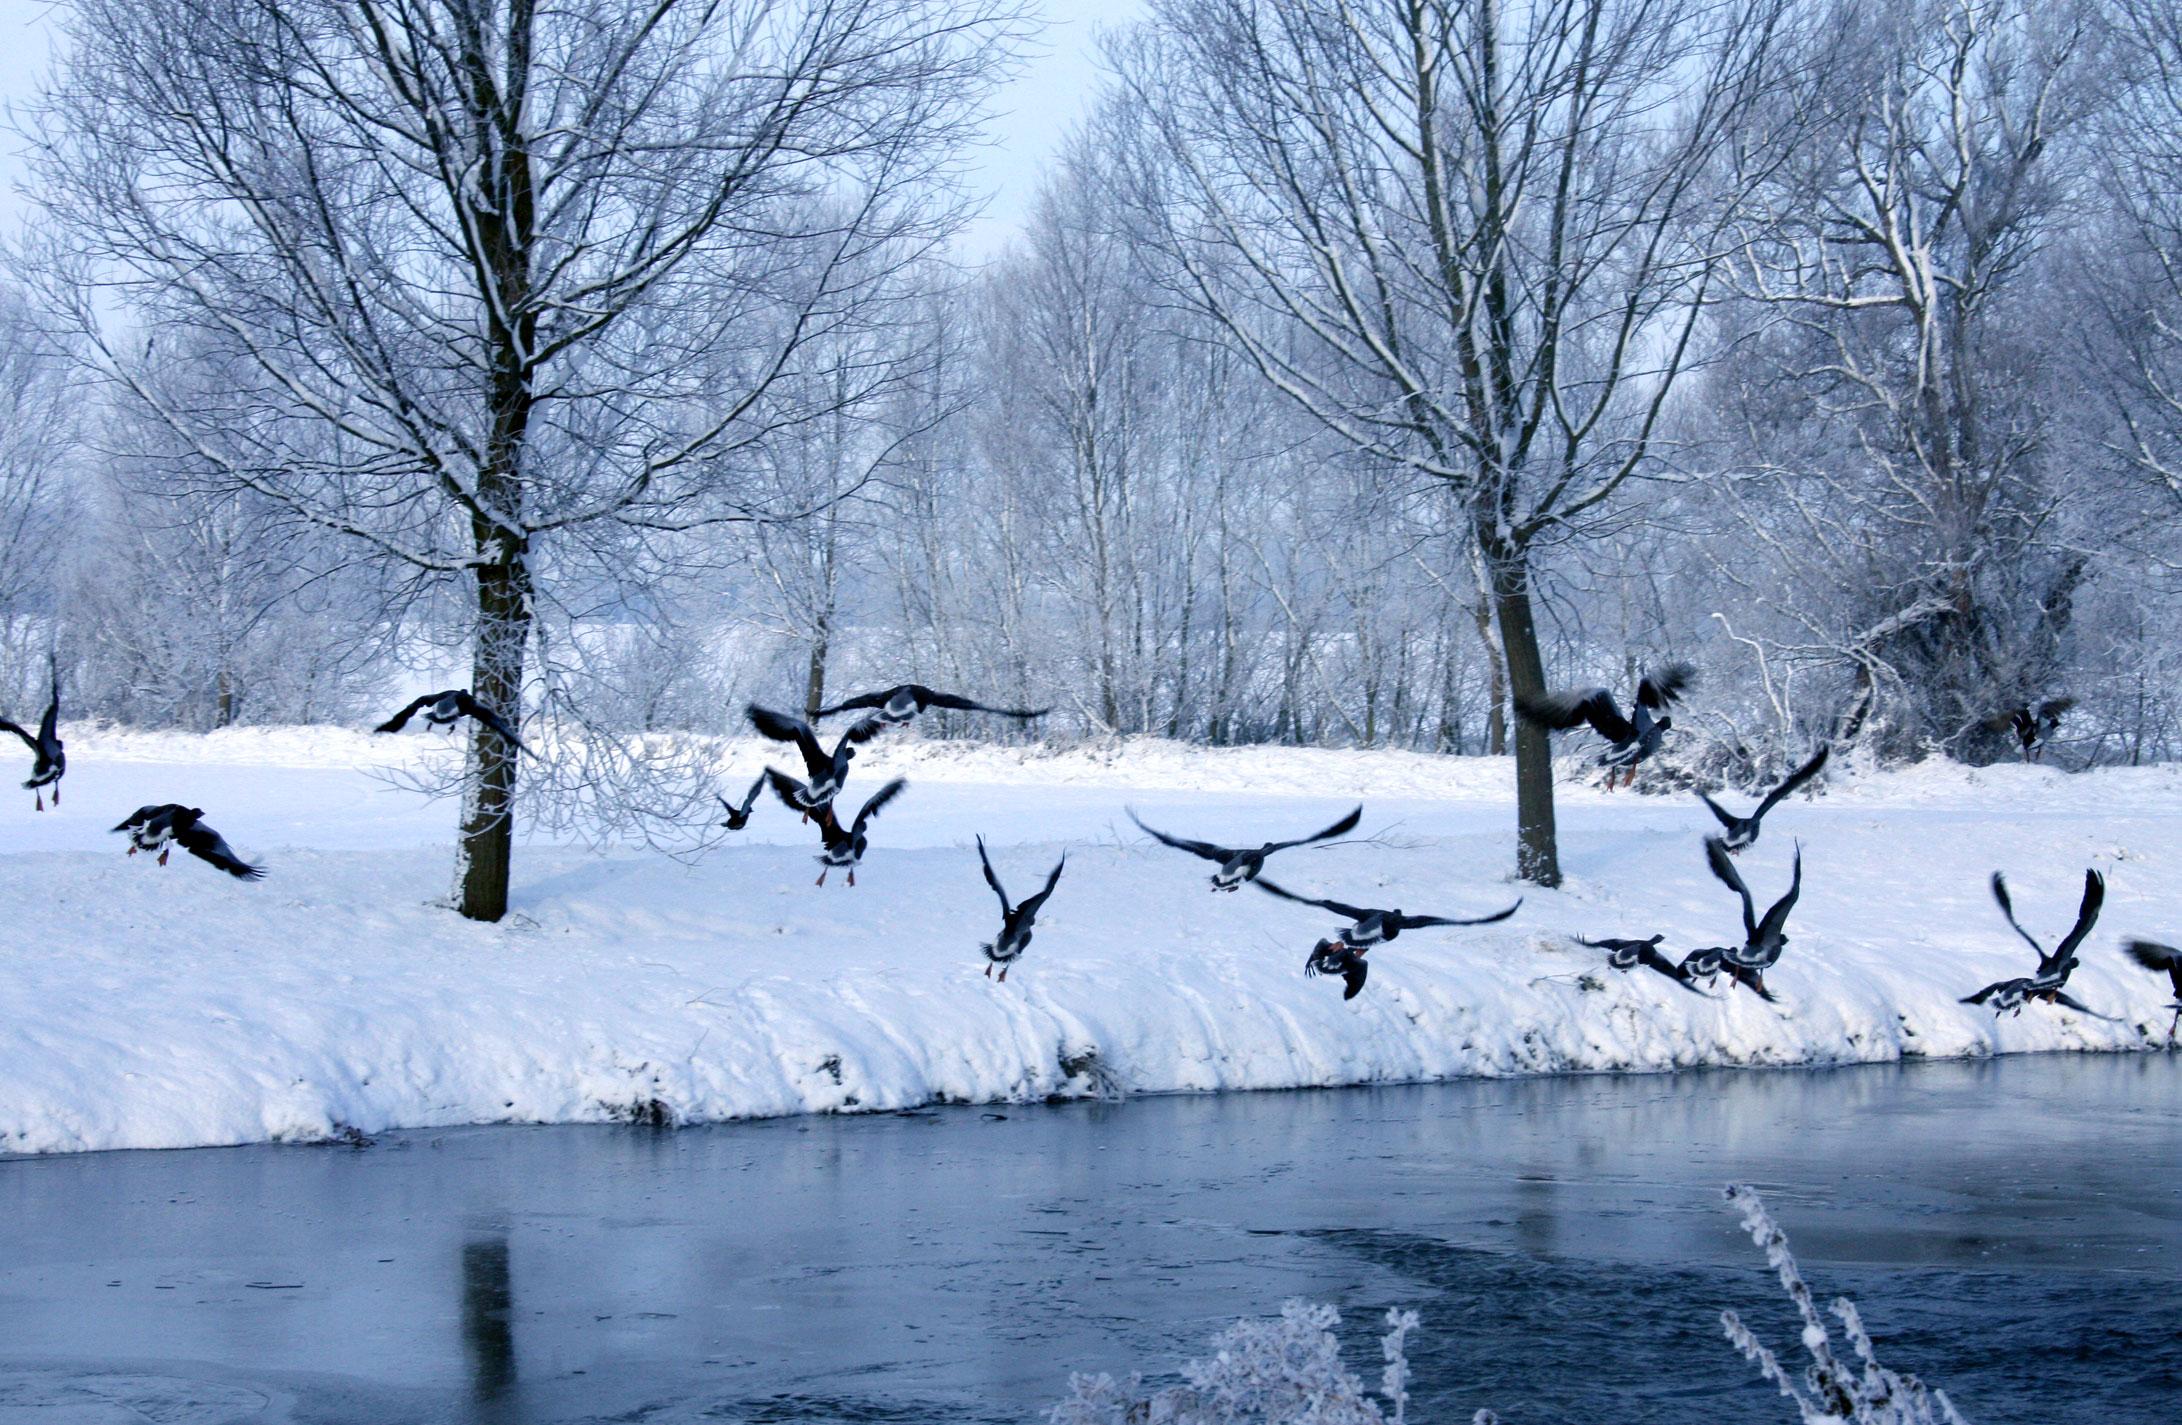 Mill-Tye-Gallery-Winter-Birds-Landing